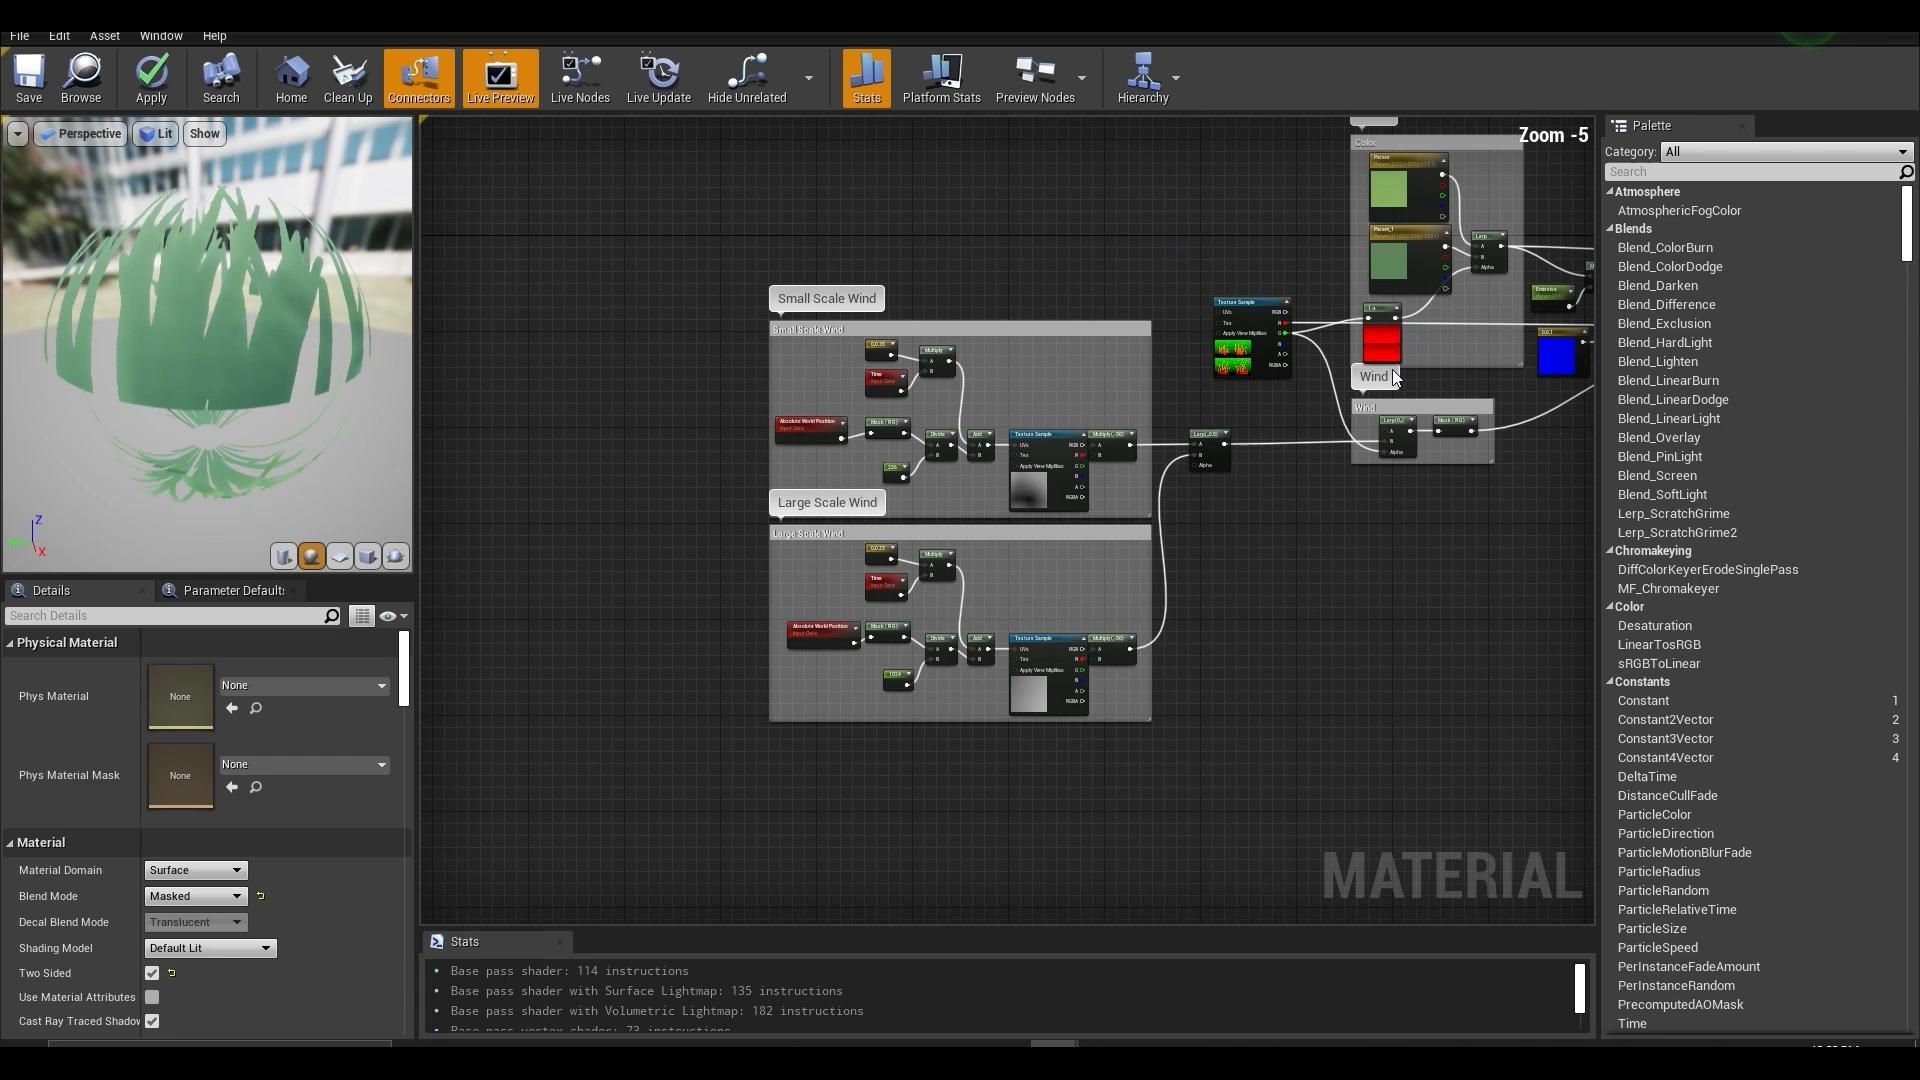 在UE4中制作风格化环境的入门介绍